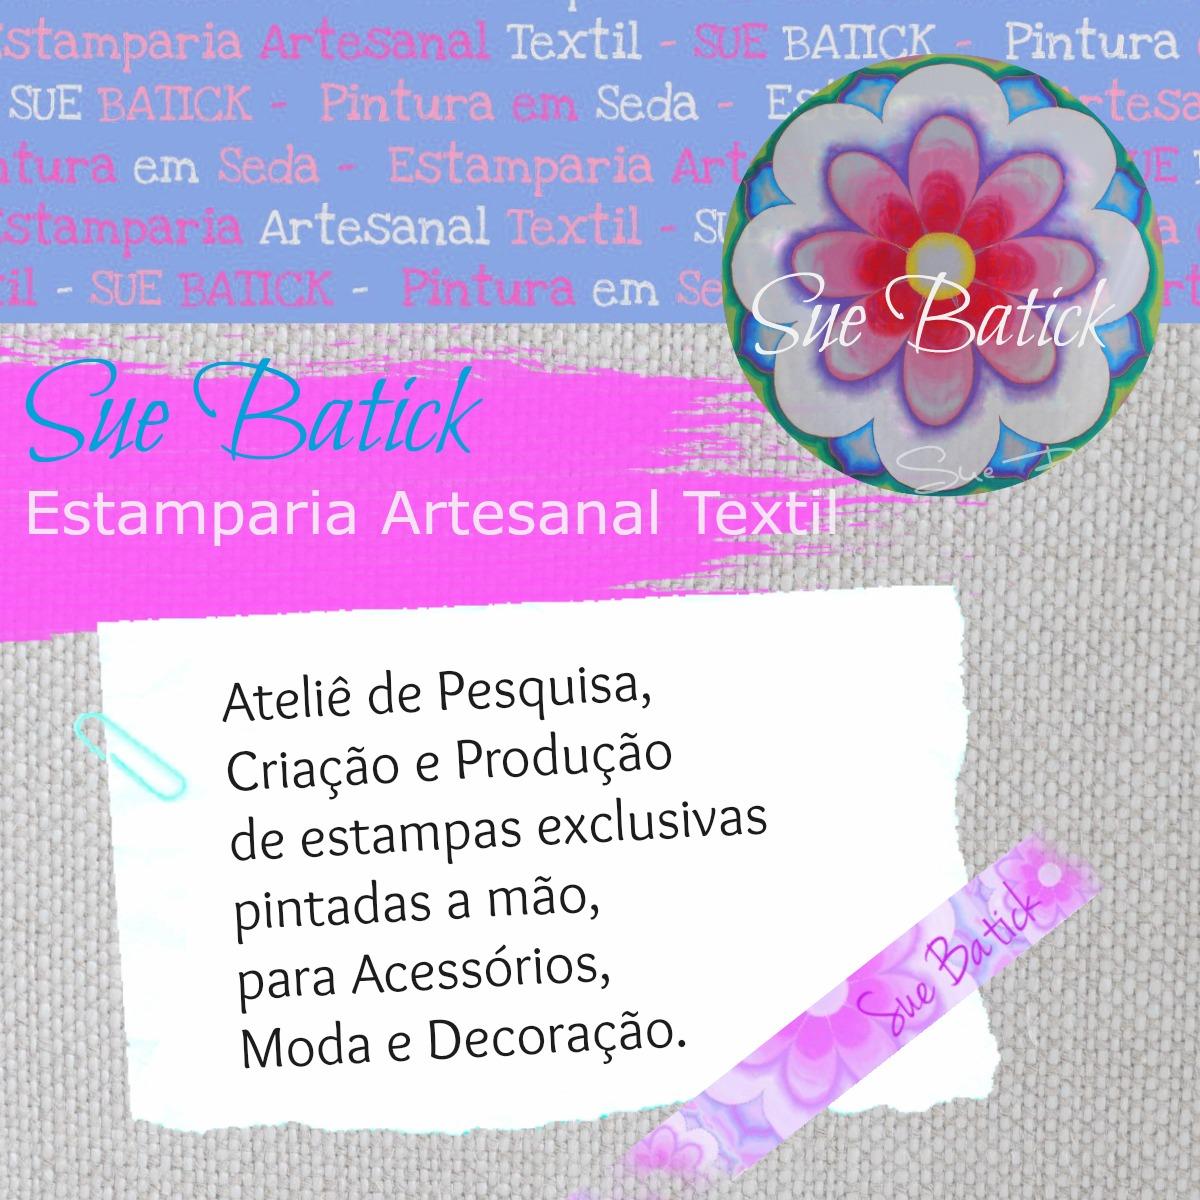 Sue Batick-Estamparia Artesanal Textil